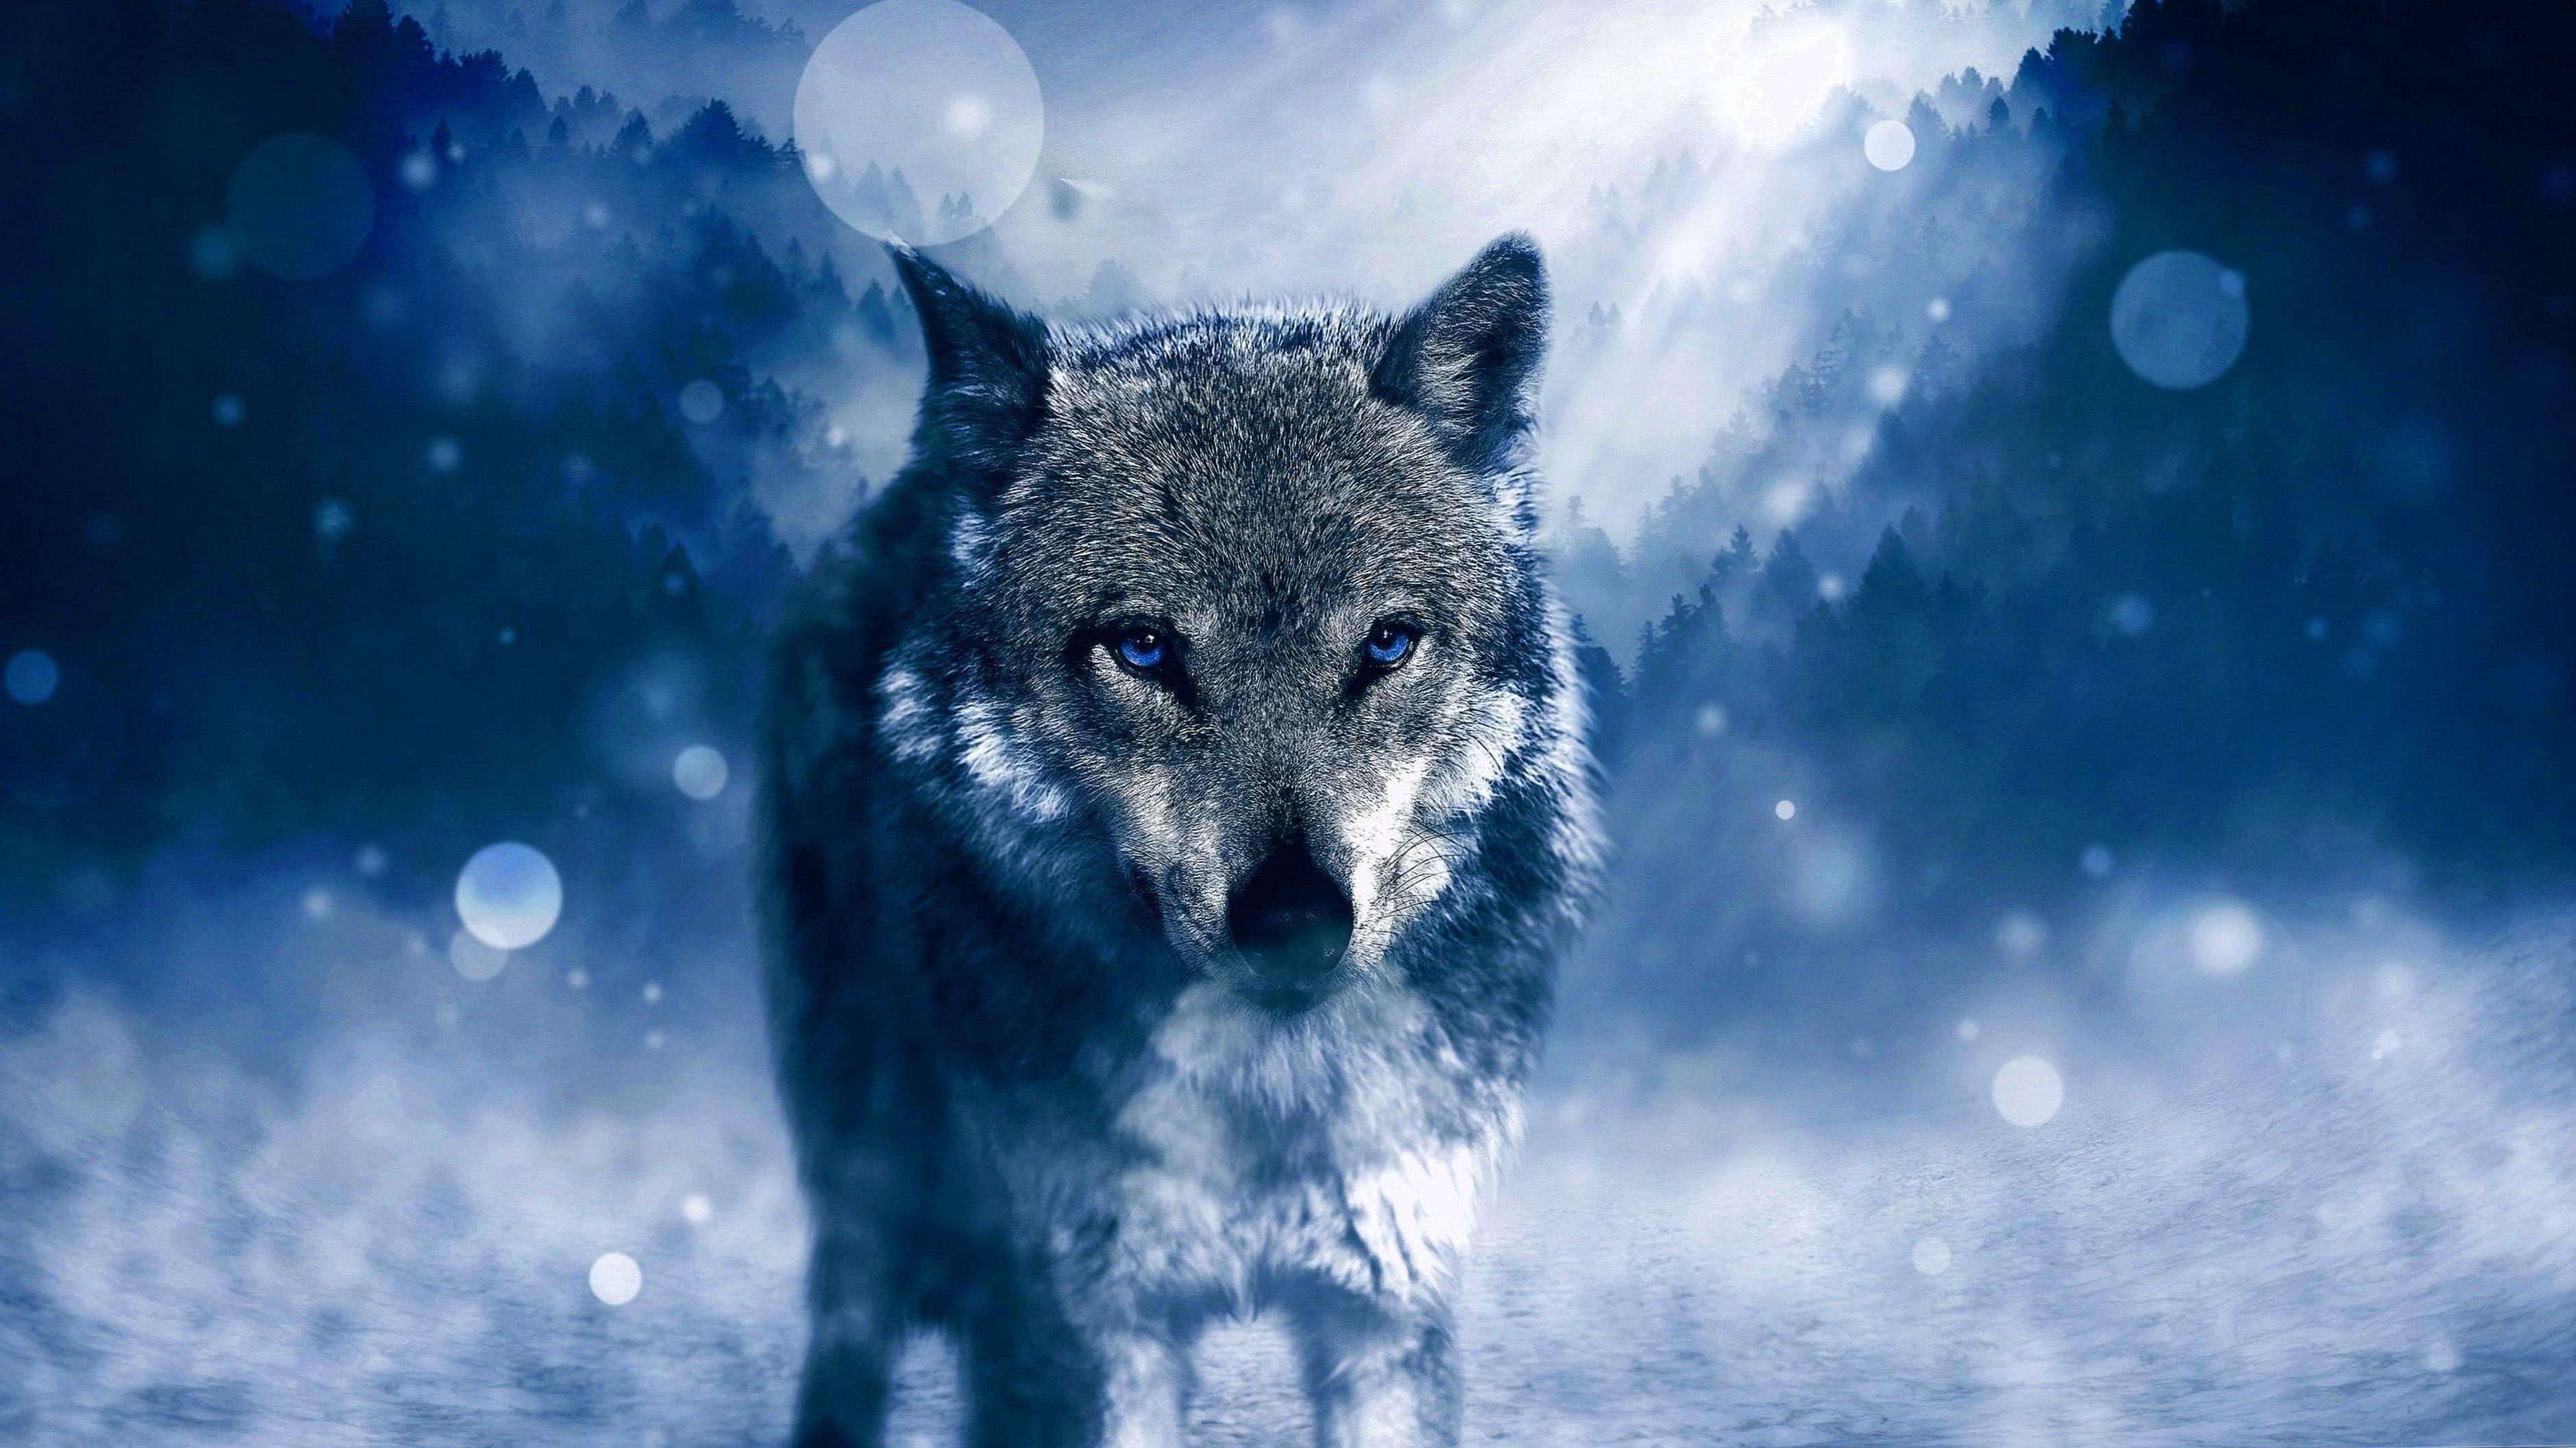 Wild Wolf Full HD Wallpaper